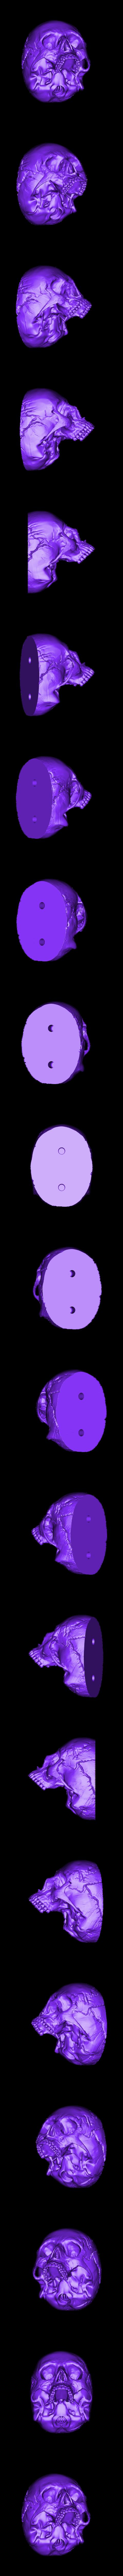 MiniHumanSkull1.stl Download free STL file Human Skull • 3D print model, JackieMake